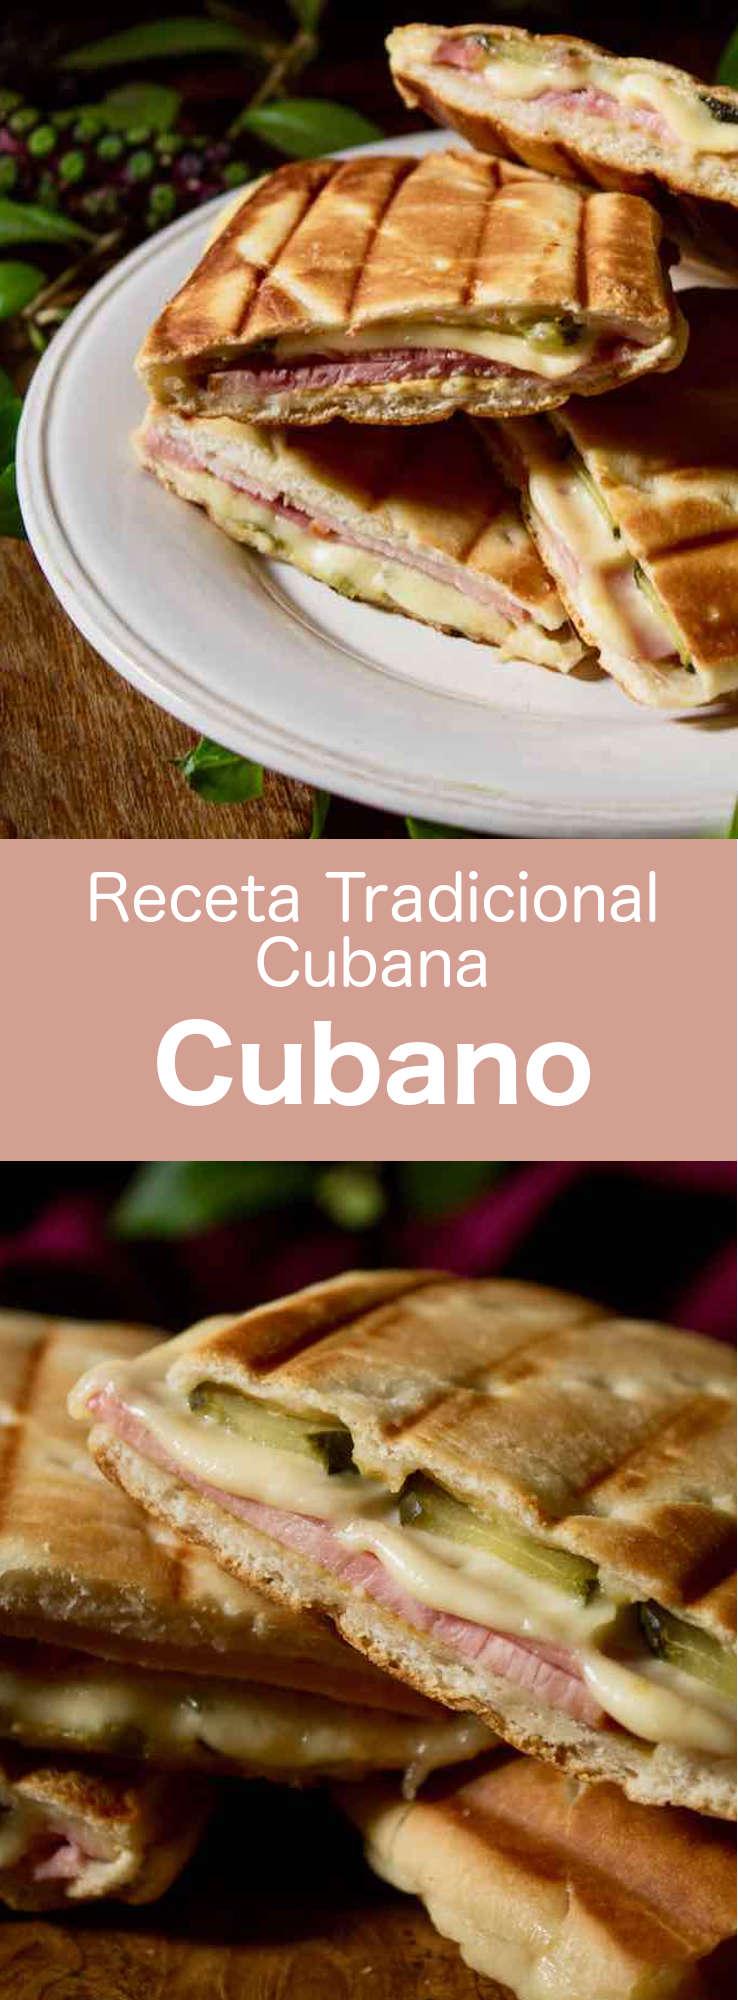 El sándwich cubano es un sándwich prensado con cerdo asado, jamón, pepinillos y queso, popularizado por los inmigrantes cubanos en Florida en el siglo XIX.